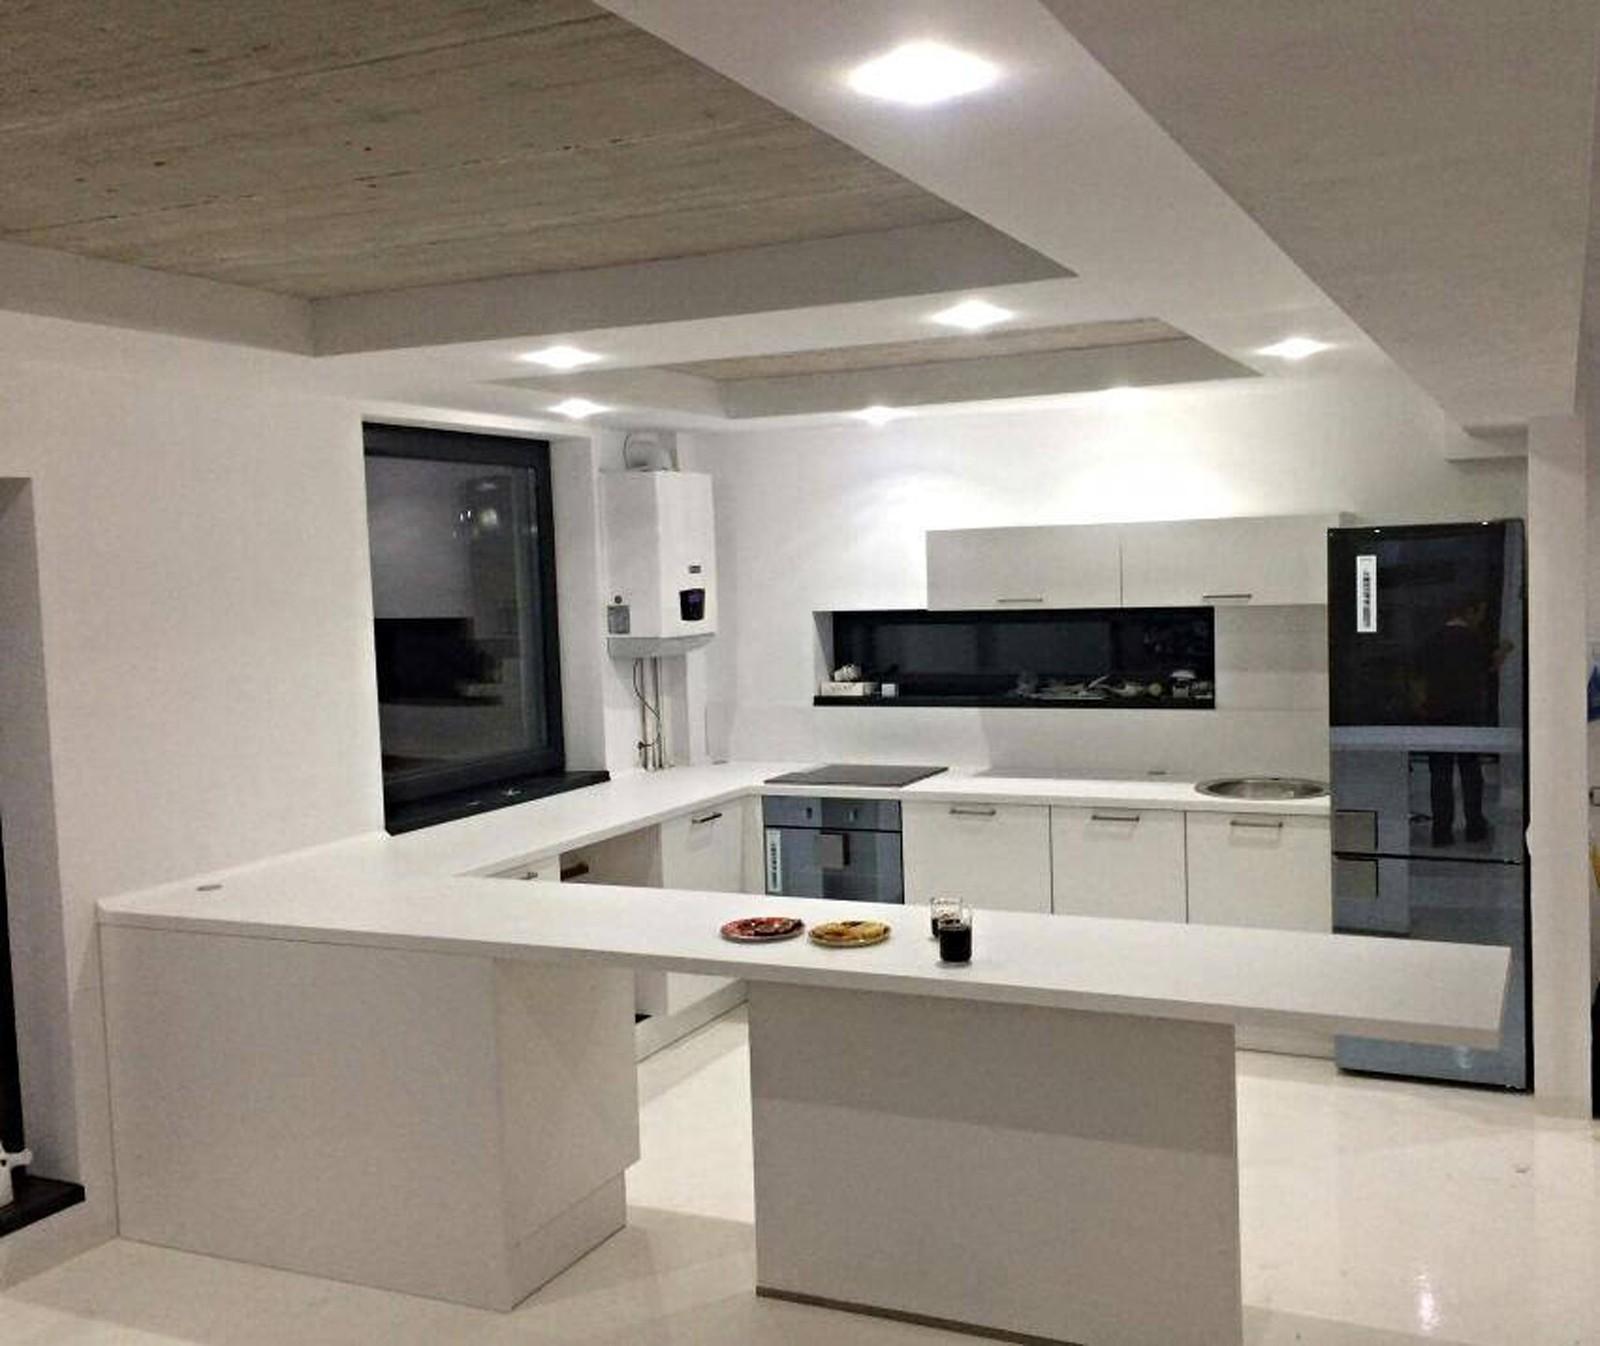 Referință - Bucătărie modernă Nobilia Touch - Alb alpin / Alb premium